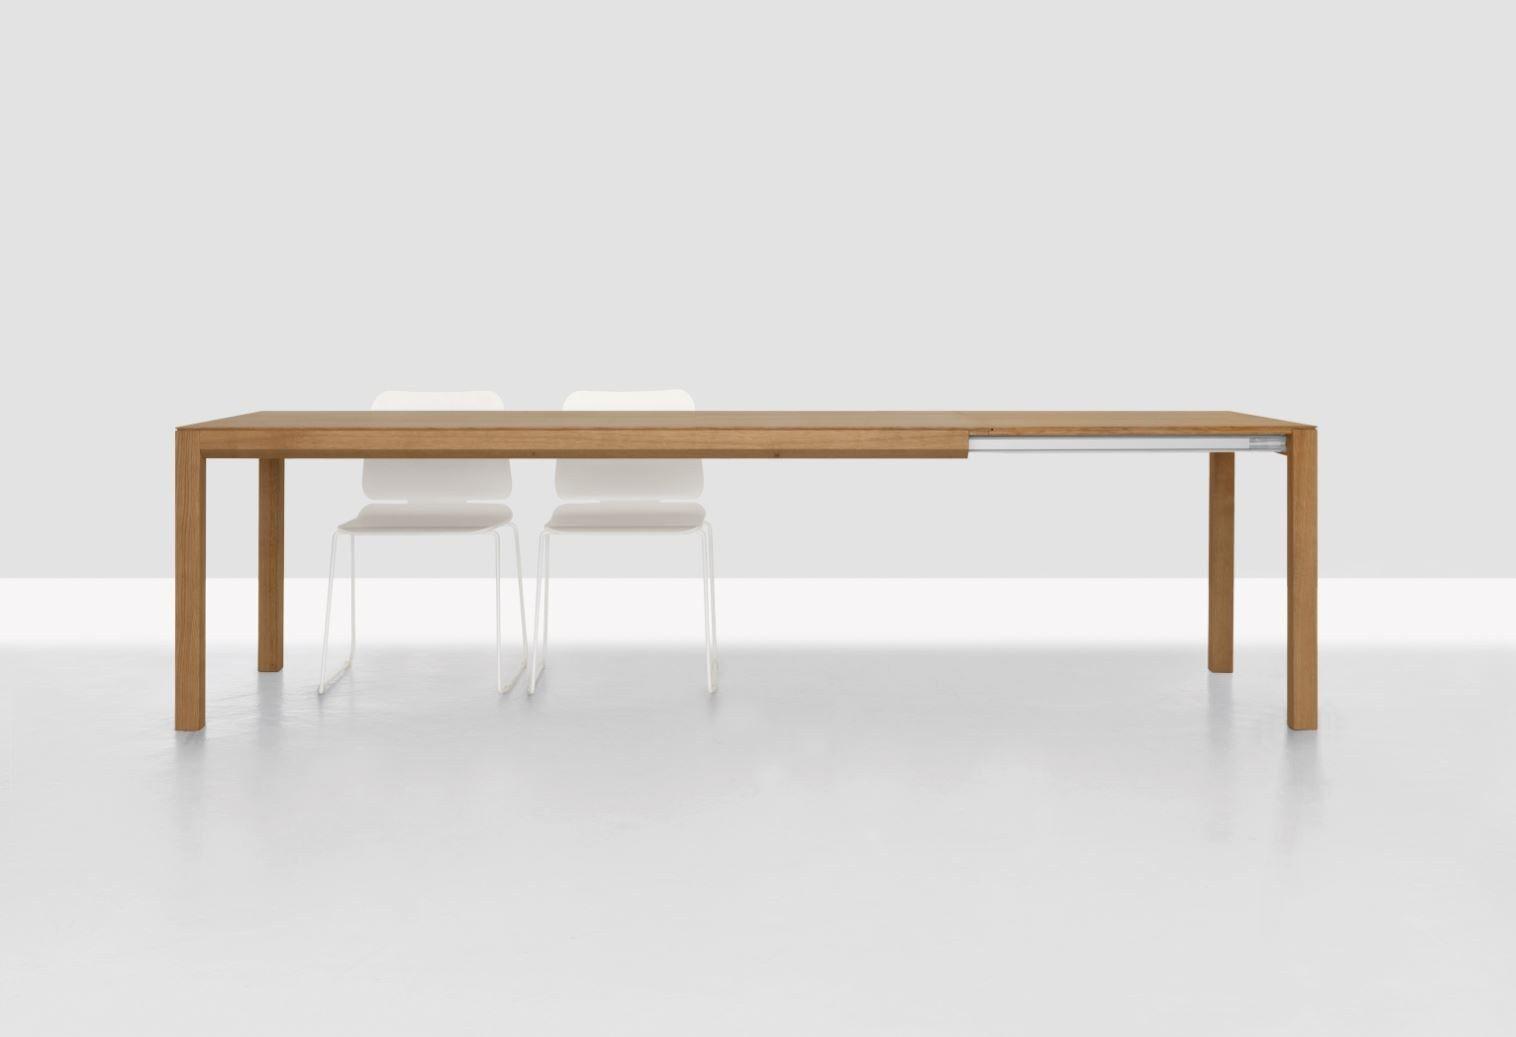 ausziehbarer rechteckiger tisch aus holz domino zoom by zeitraum